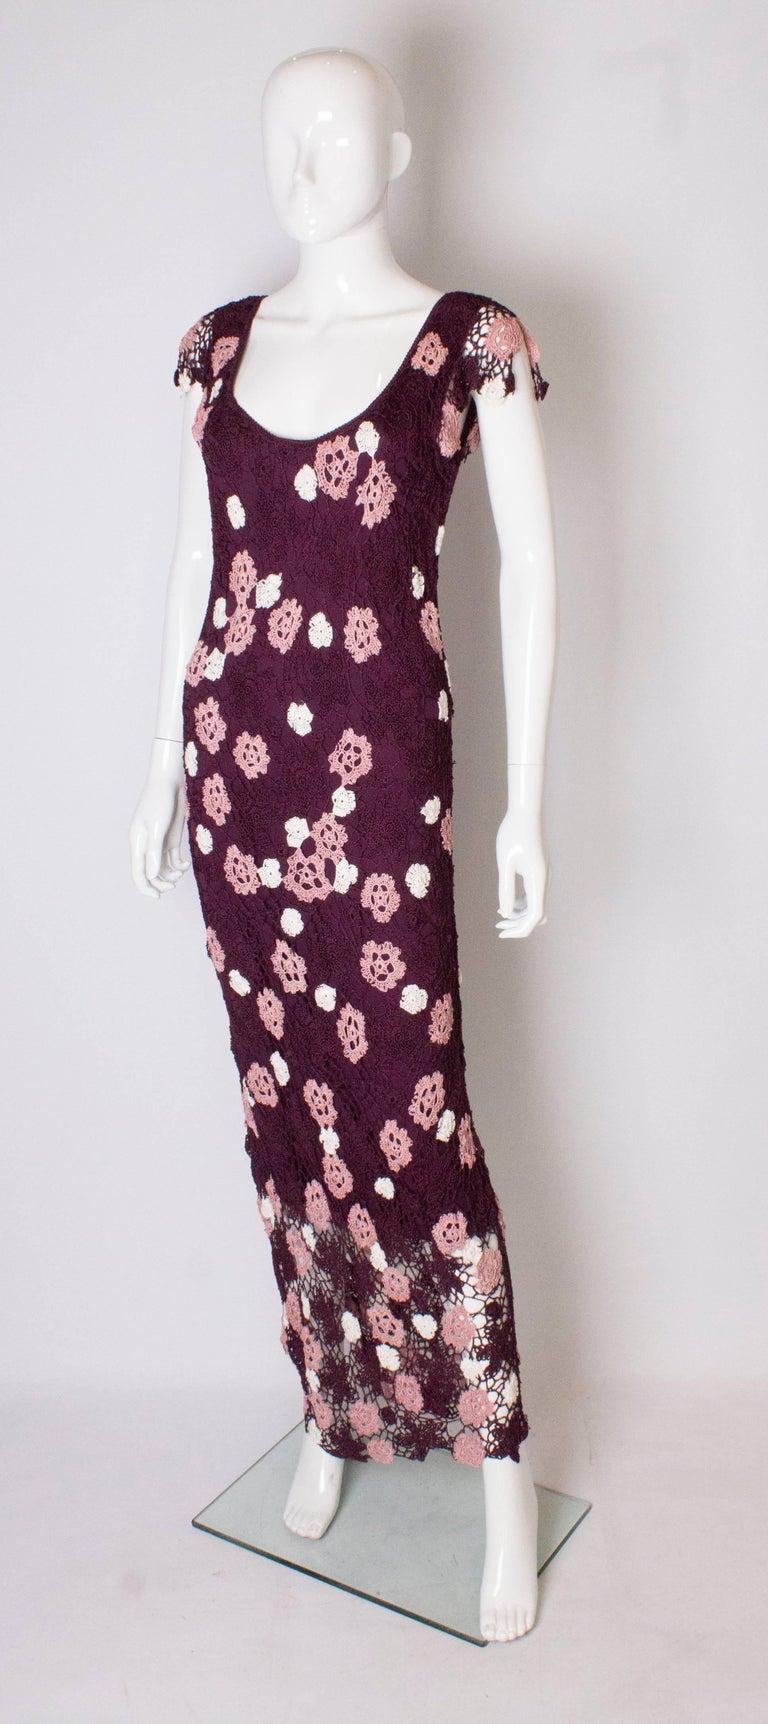 Black Vintage Bias Cut Crochet Dress For Sale